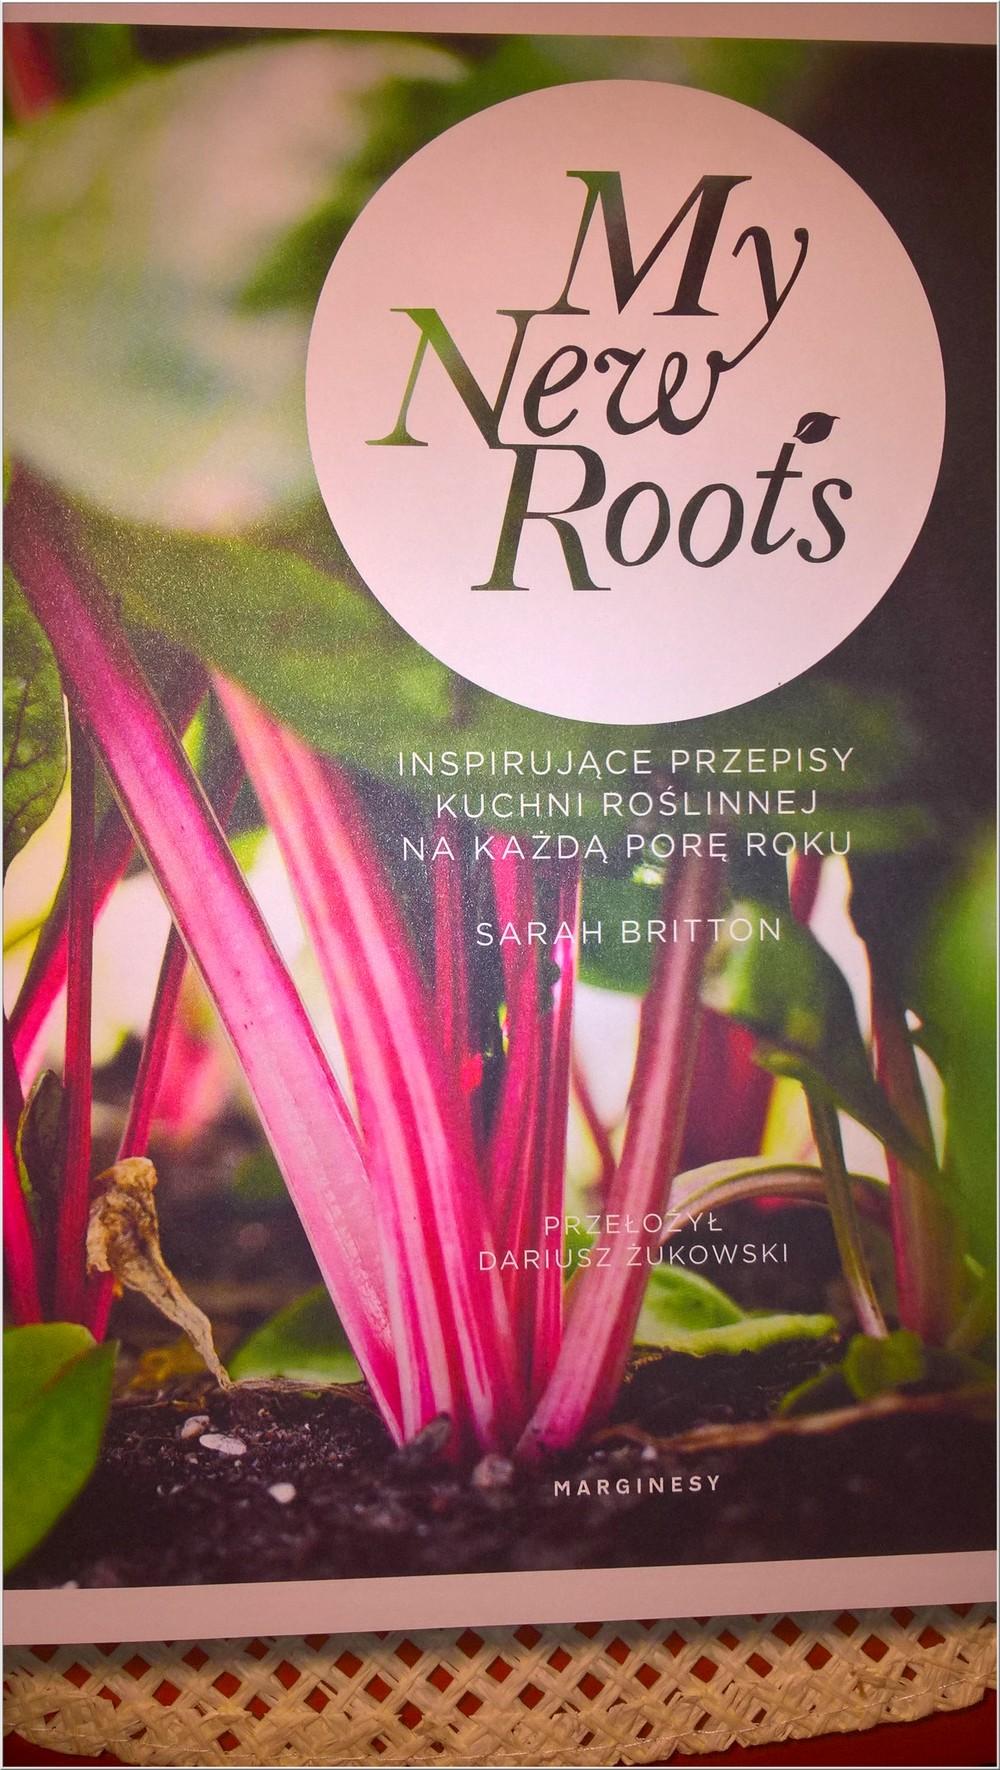 my-new-roots-recenzja-2